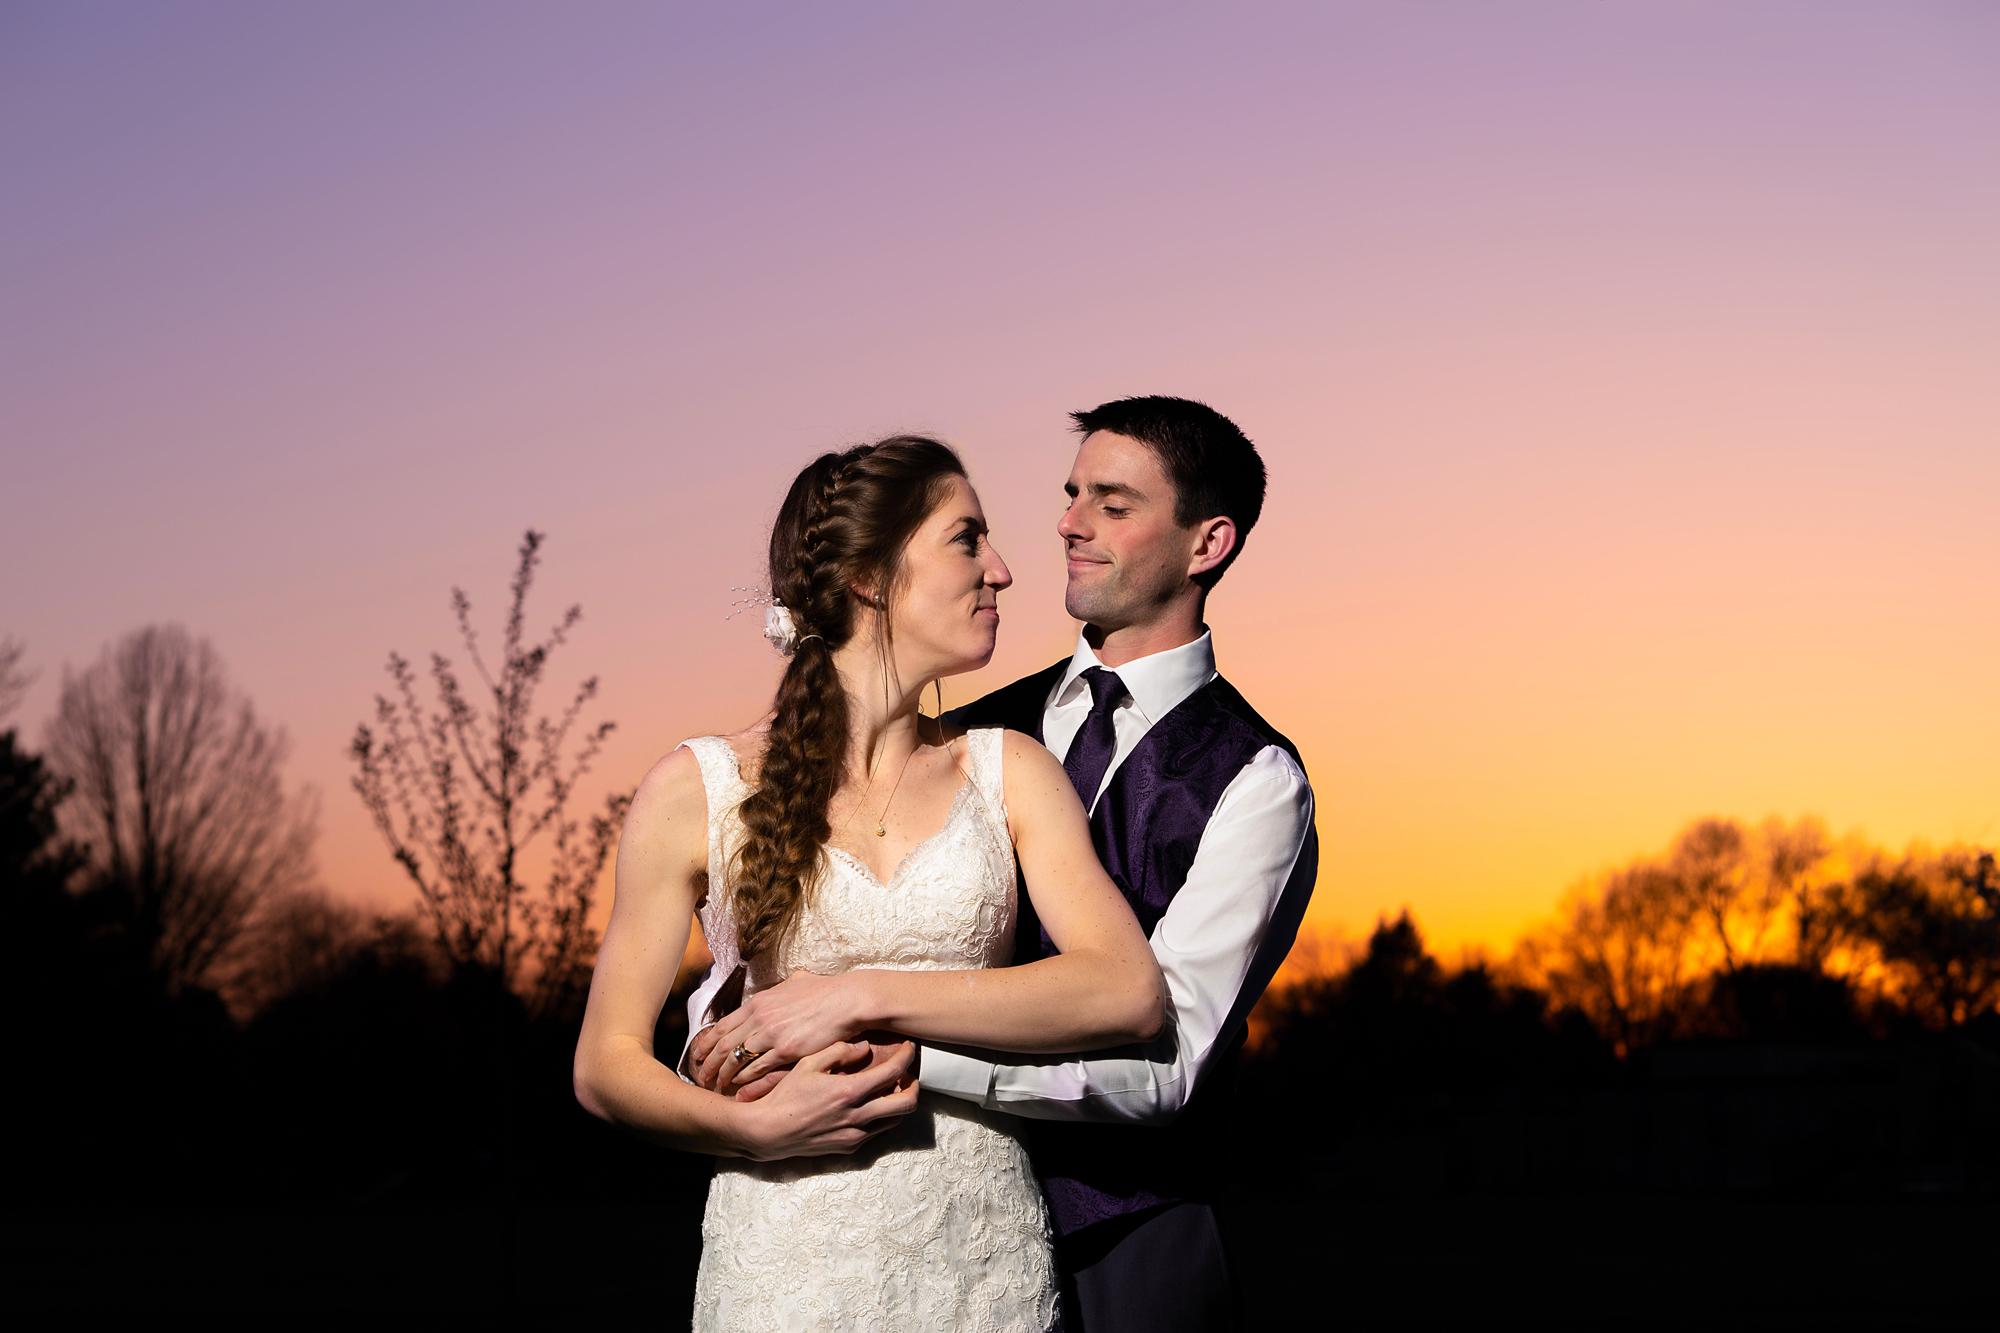 Polen-Farm-Wedding-Photos-1.jpg